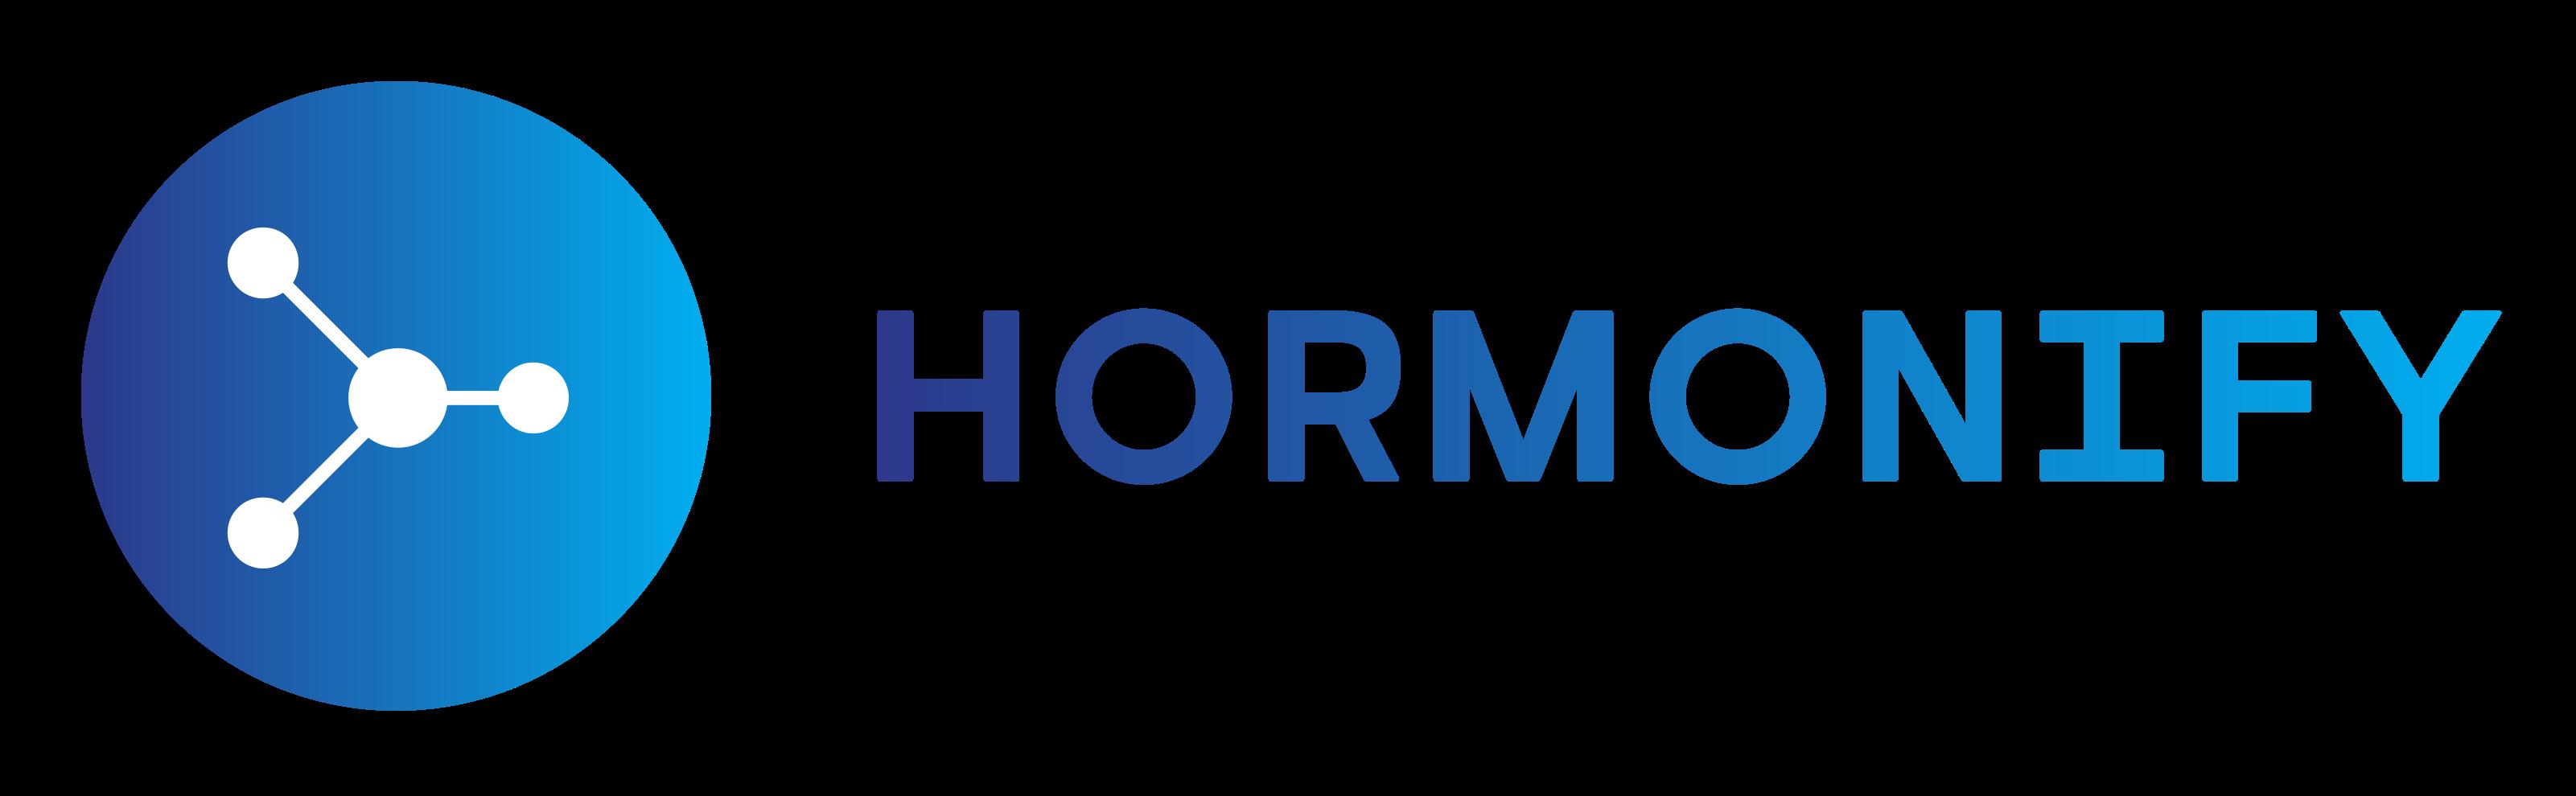 Hormonify